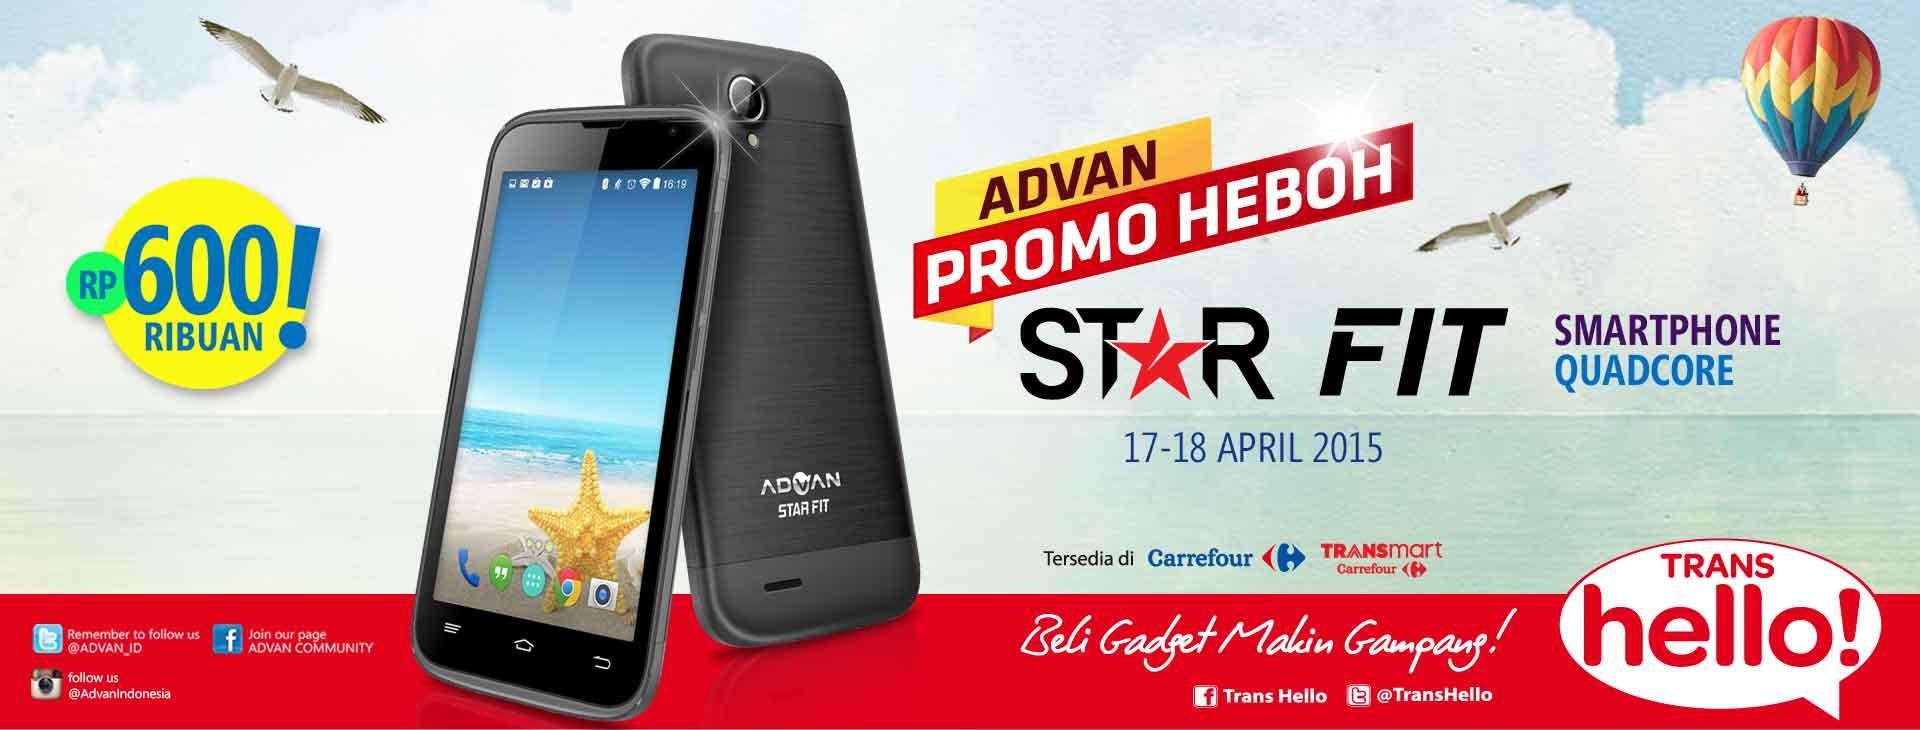 Advan Star Fit S45C